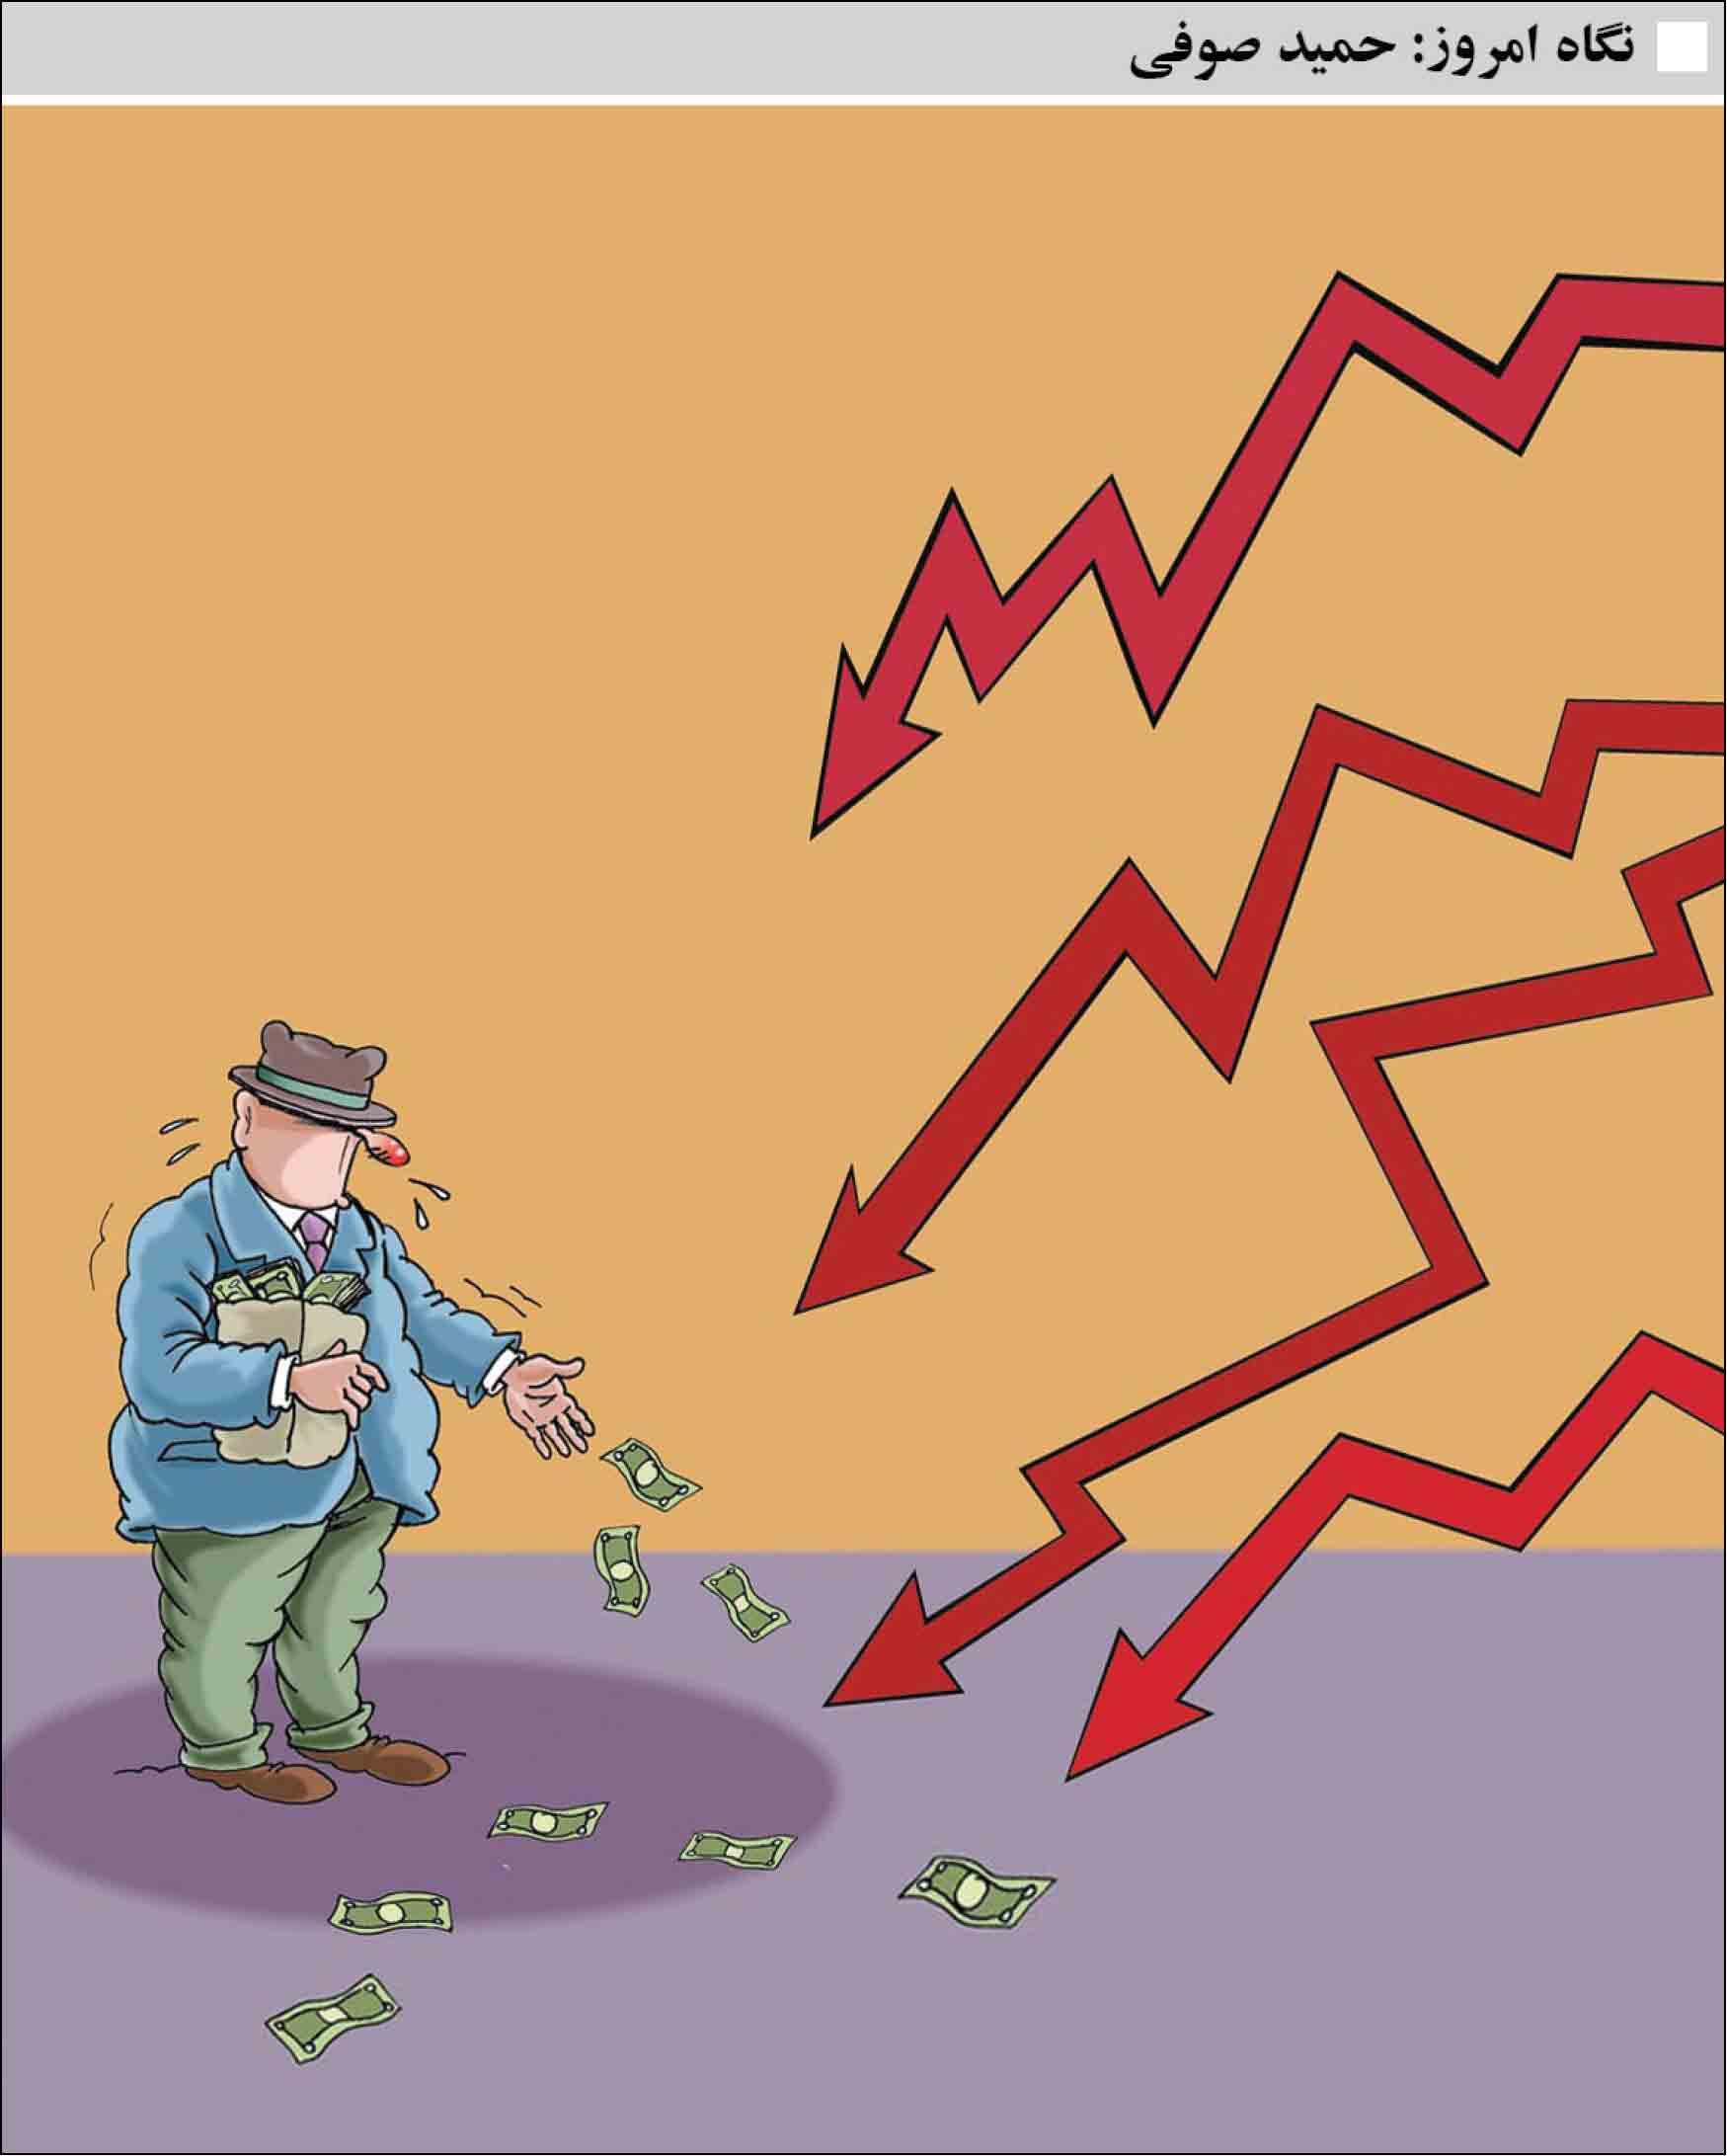 کارتون/ بر باد رفتن سرمایه در بحران اقتصادی